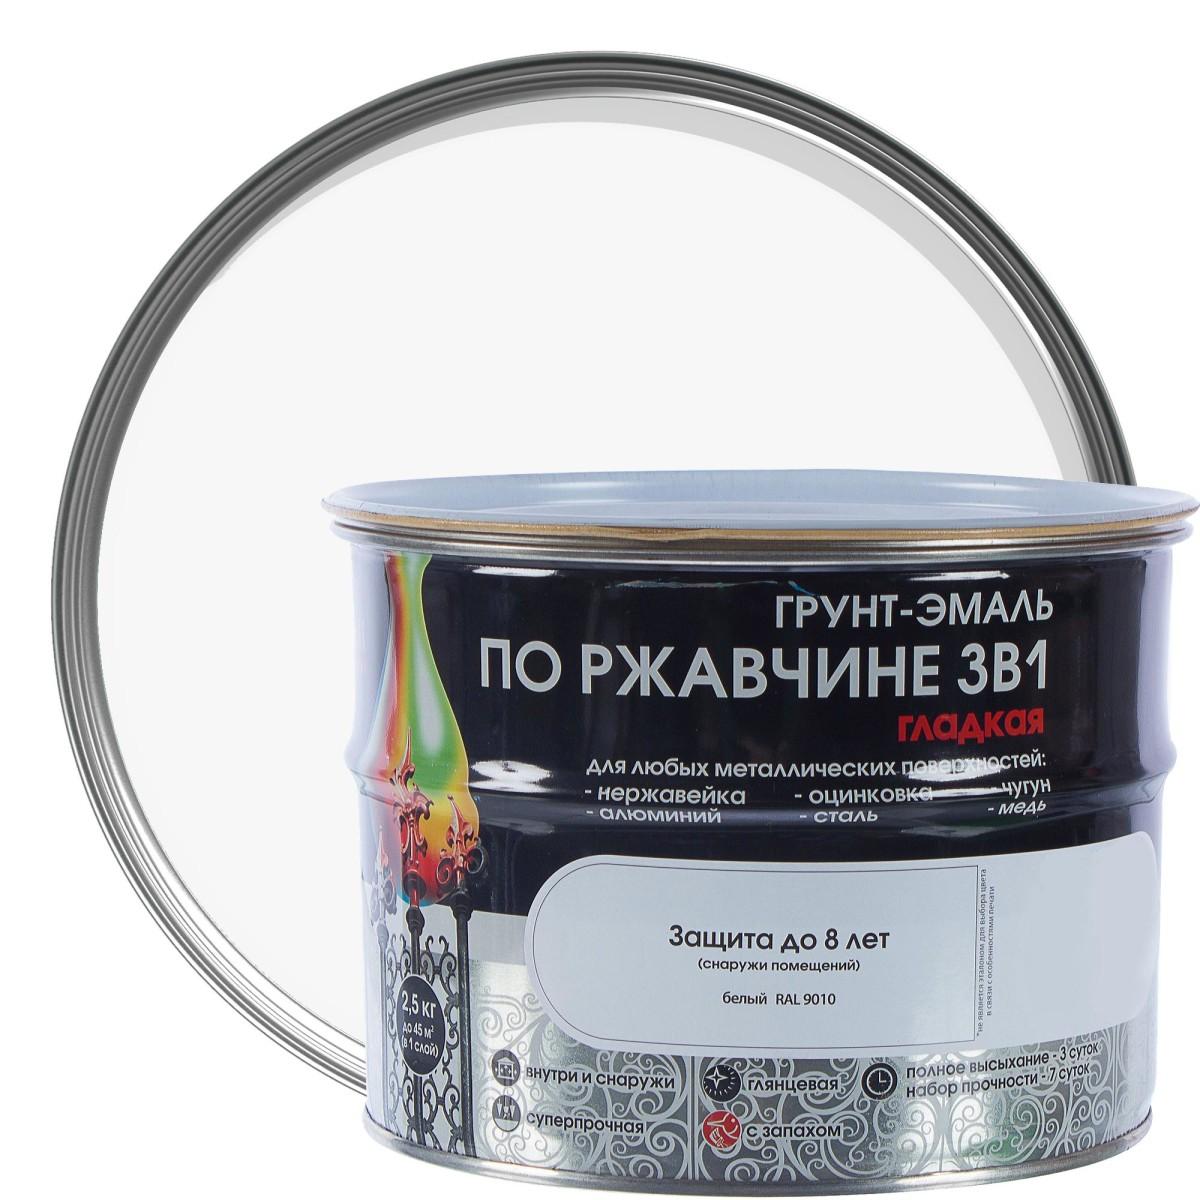 Грунт эмаль по ржавчине 3 в 1 гладкая Dali Special цвет белый 2.5 кг